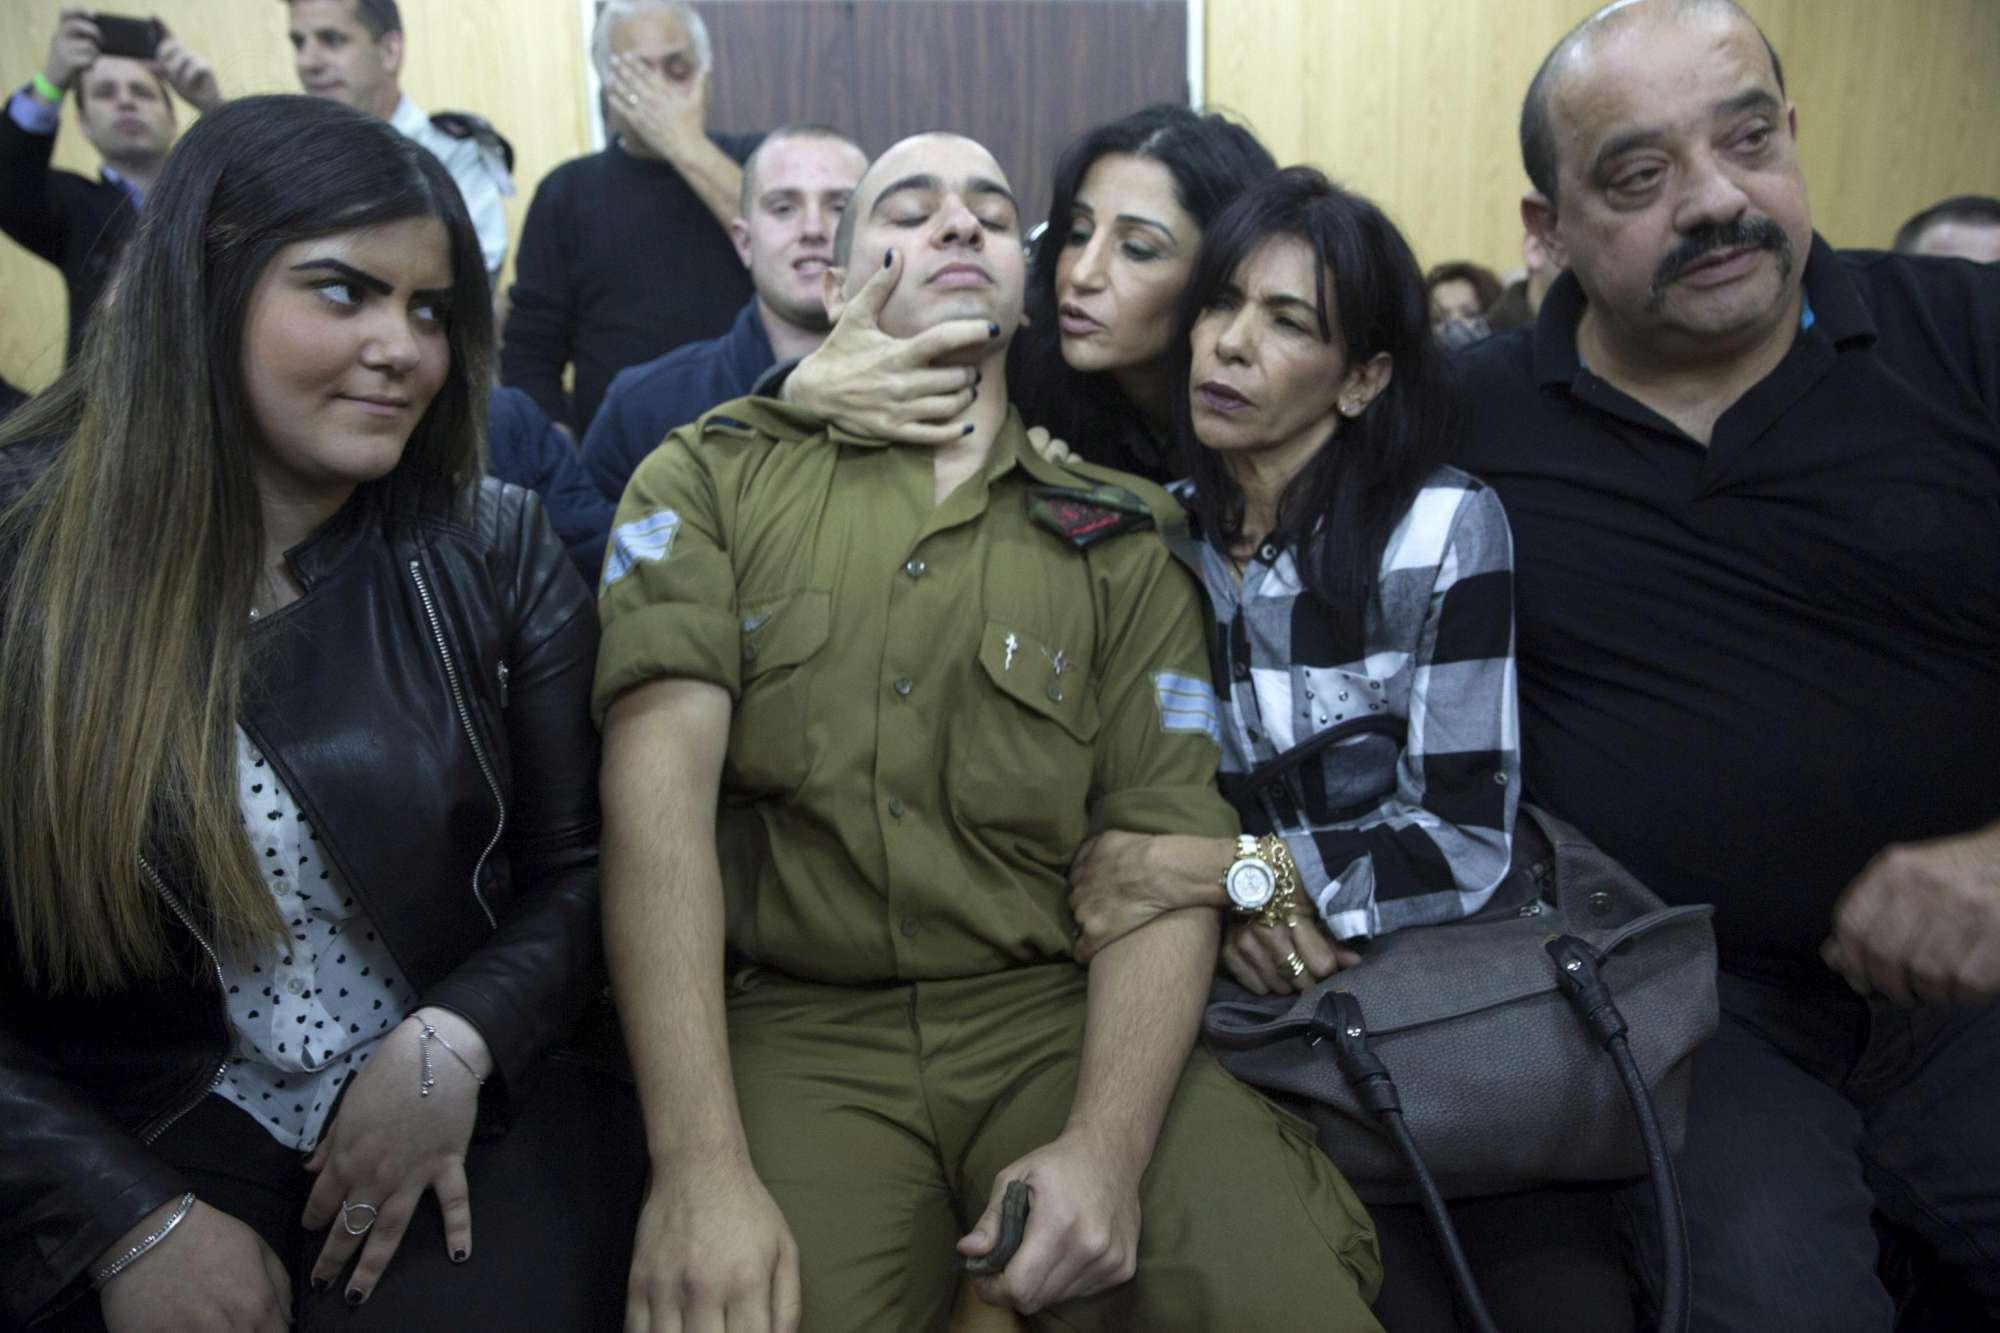 Uccise palestinese, giudicato colpevole il soldato israeliano Elor Azaria